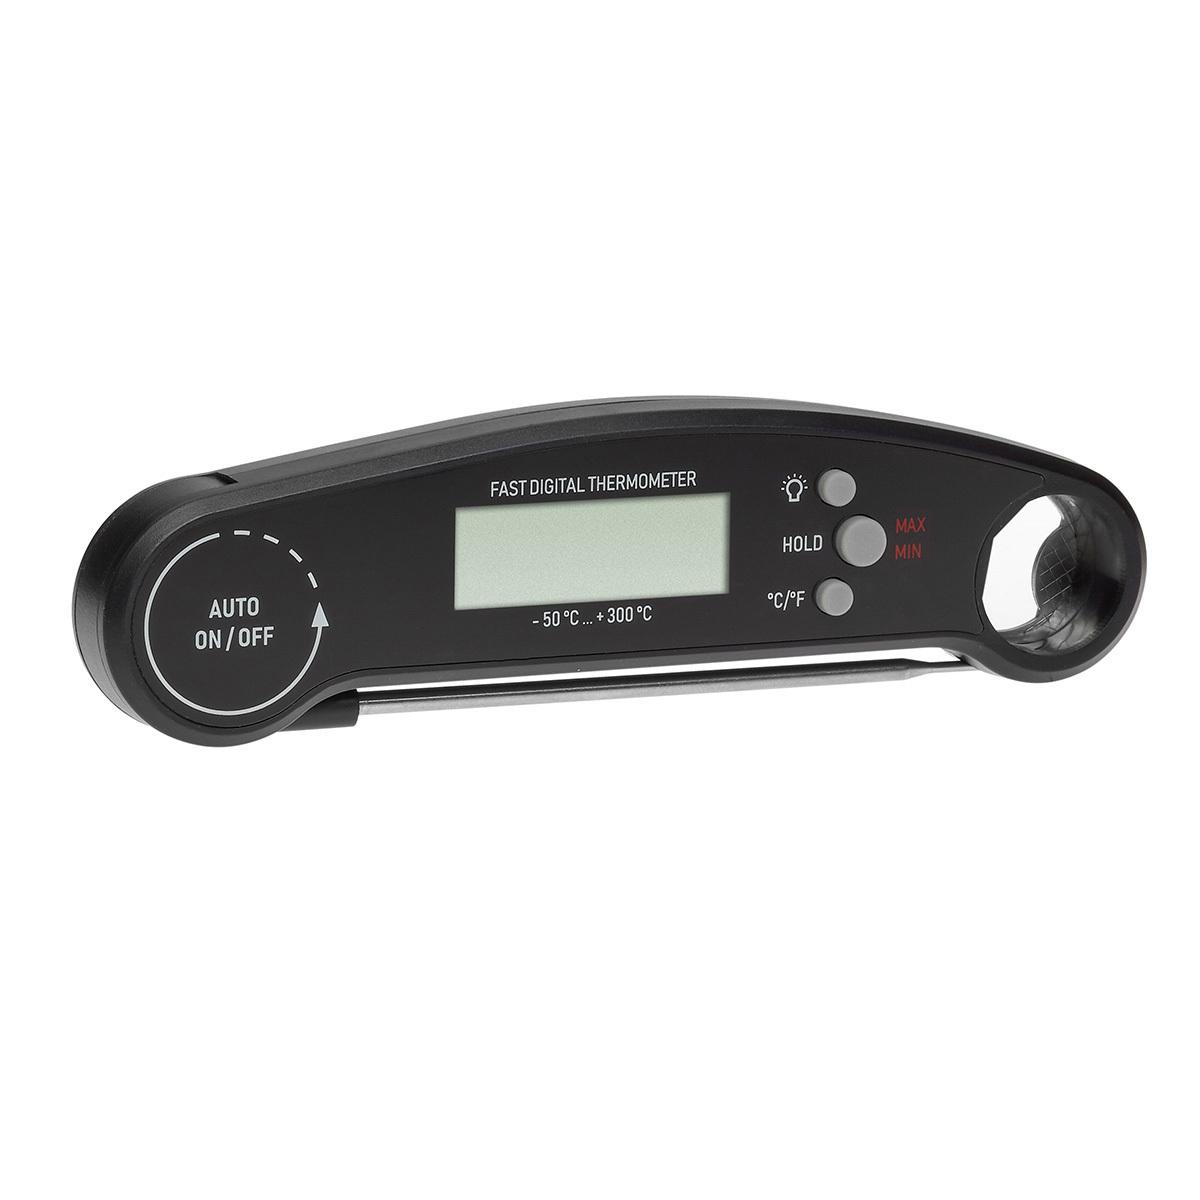 30-1061-01-digitales-küchen-thermometer-ansicht-1200x1200px.jpg